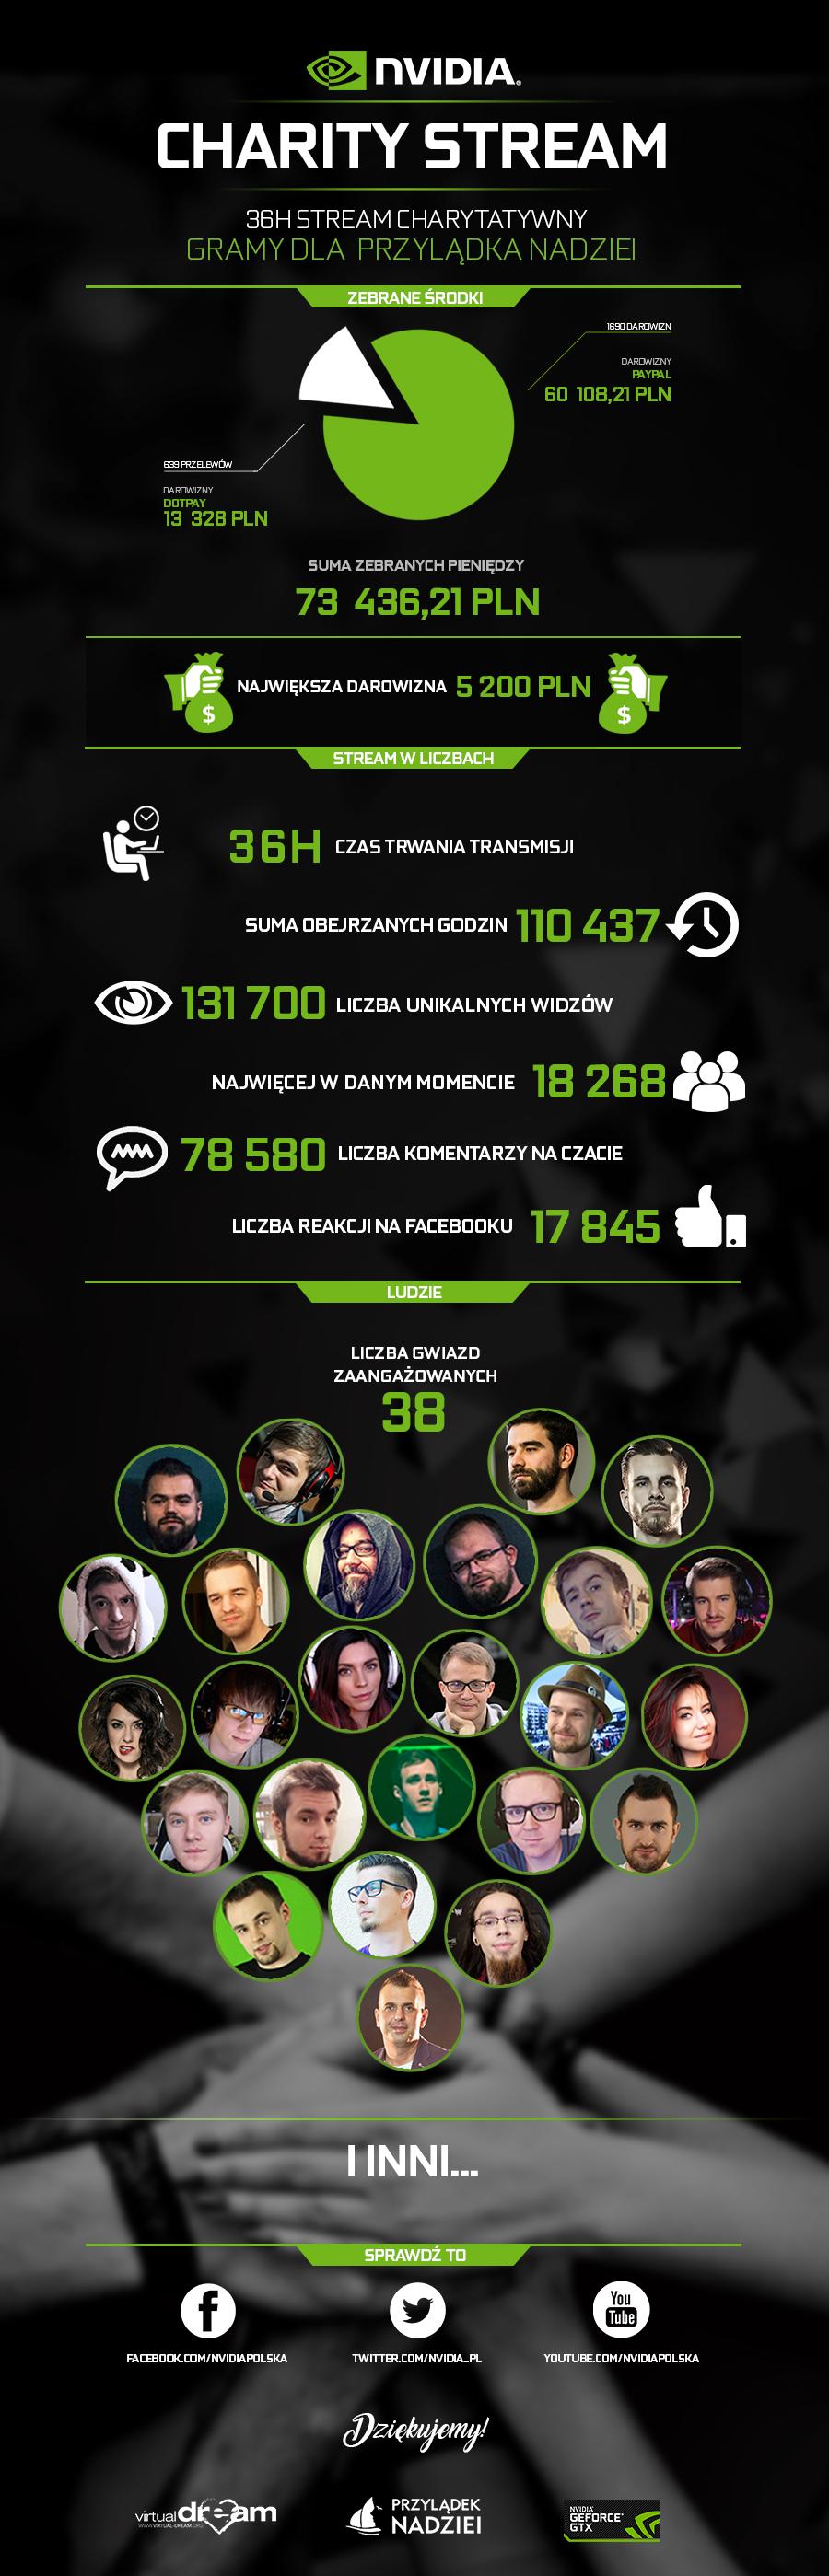 Nvidia Charity Stream